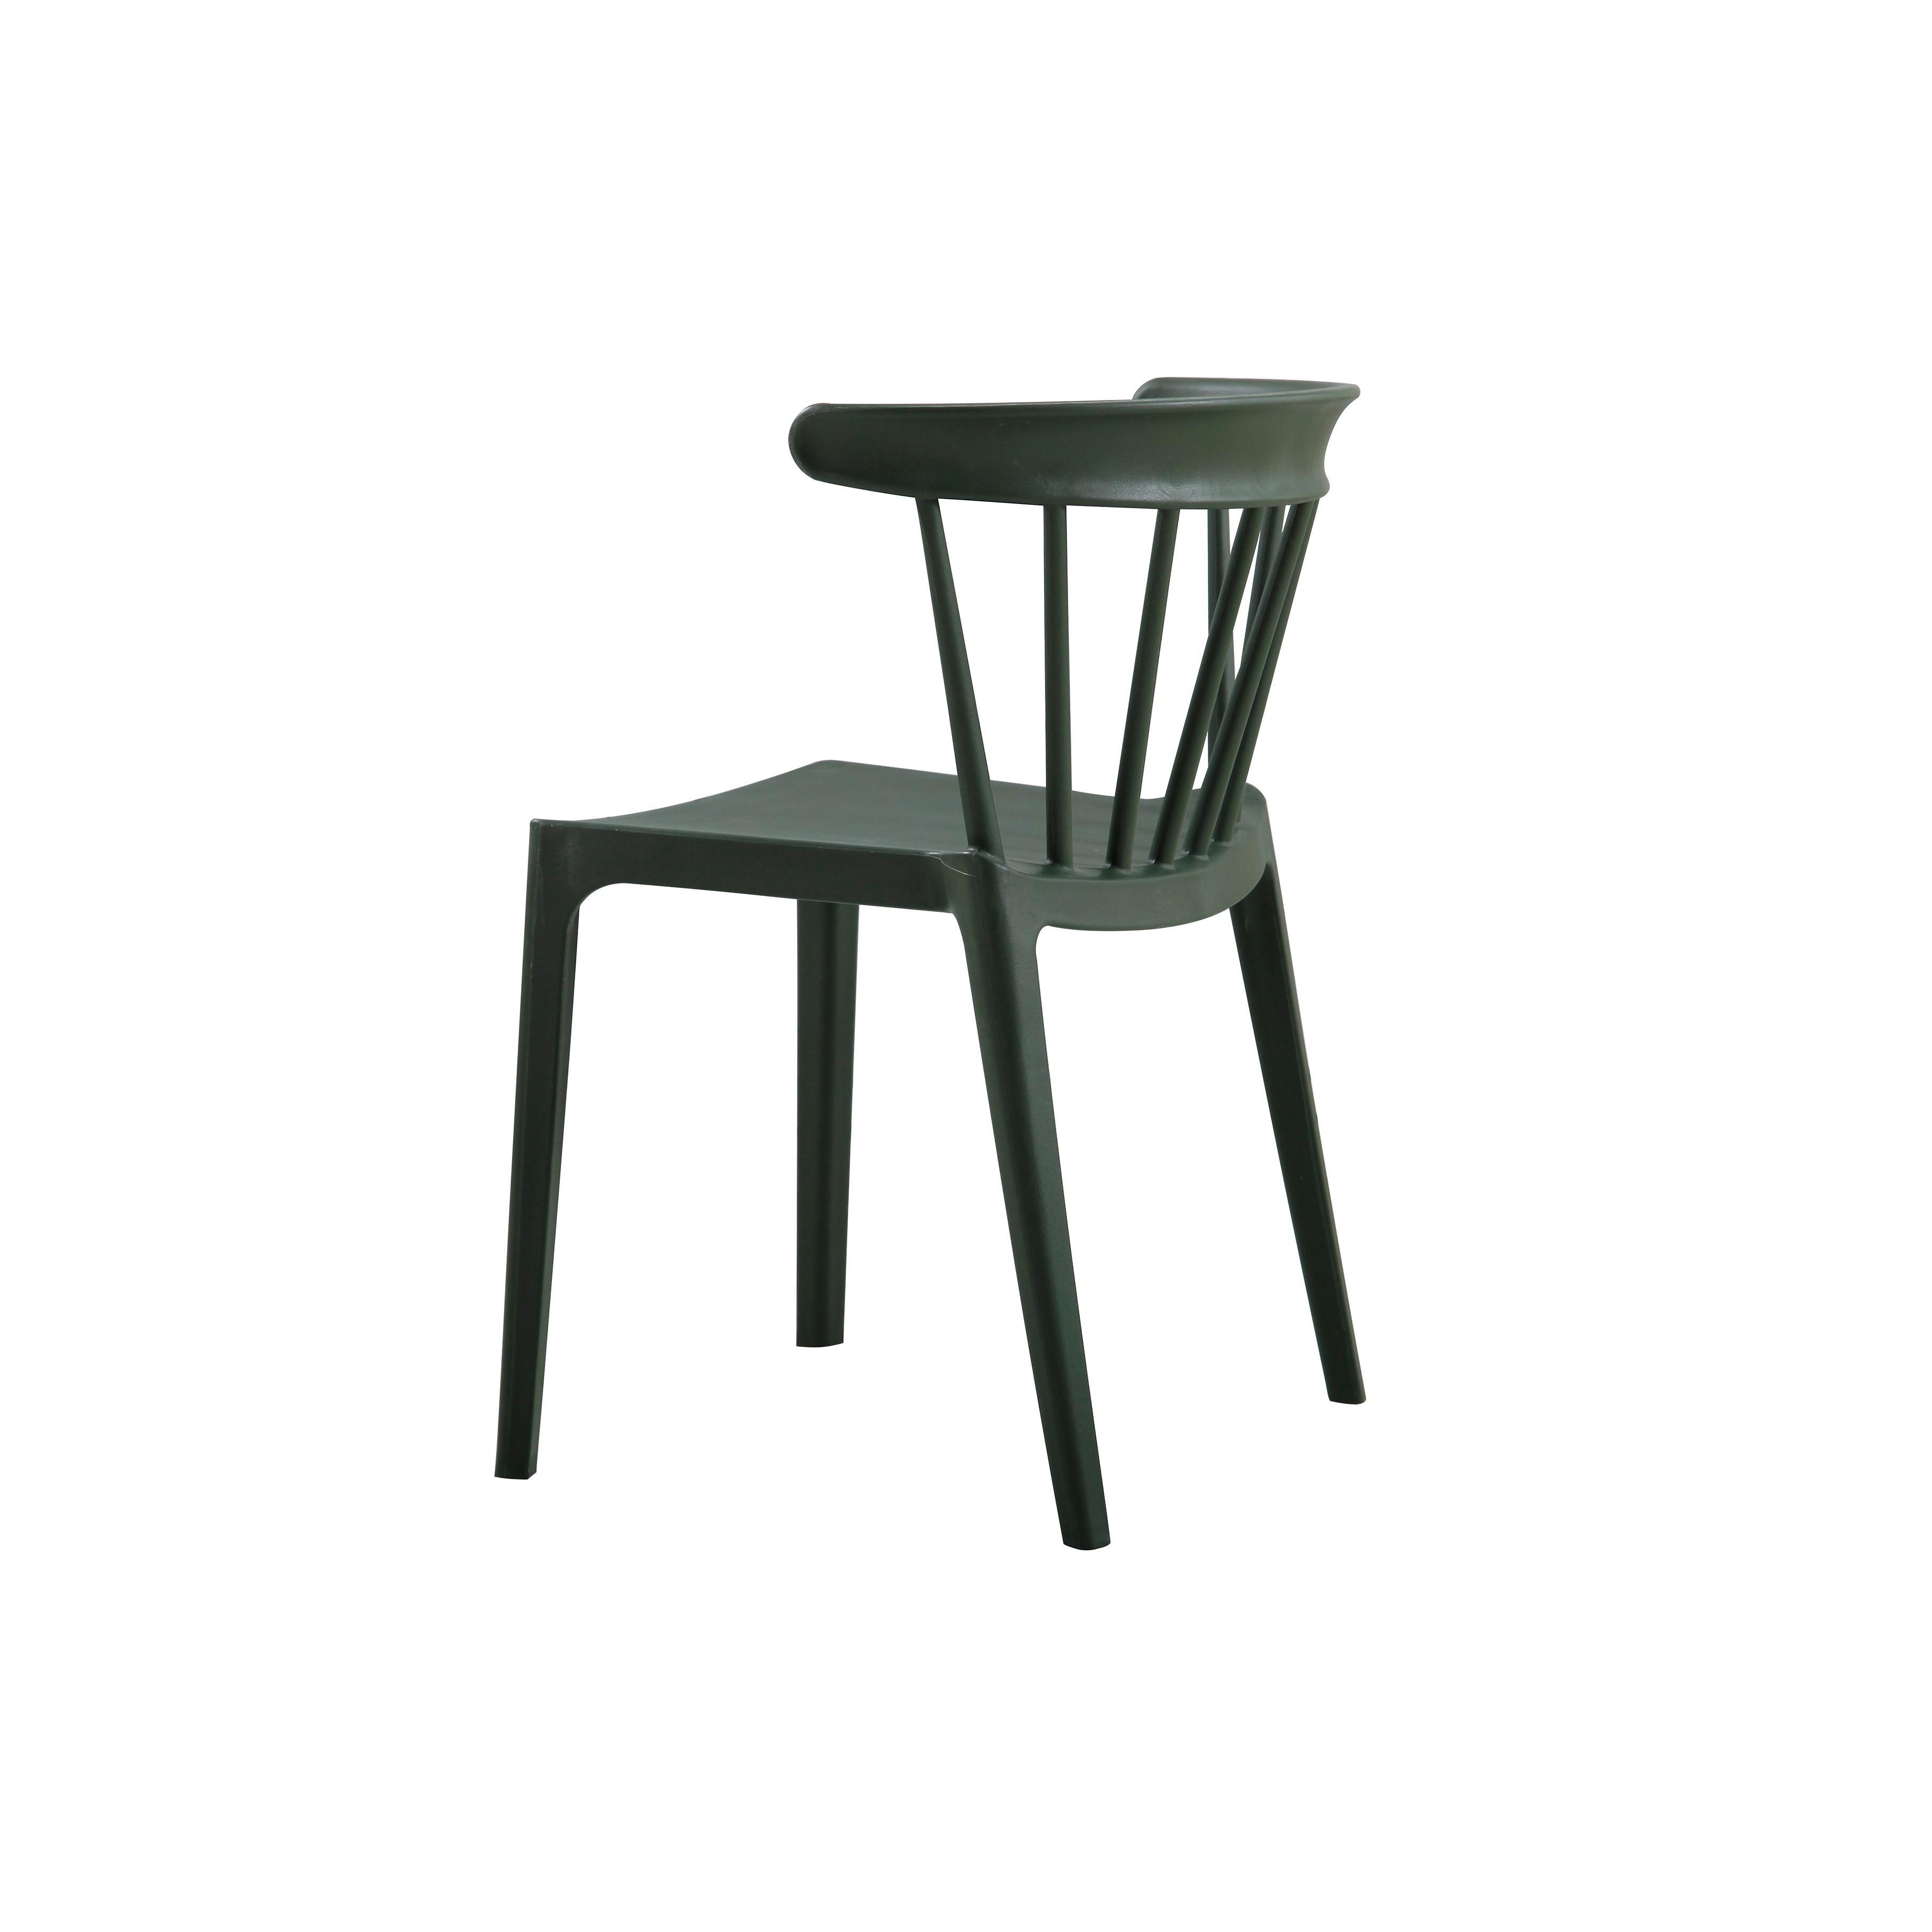 Outdoor-Stuhl Bliss | Dunkelgrün